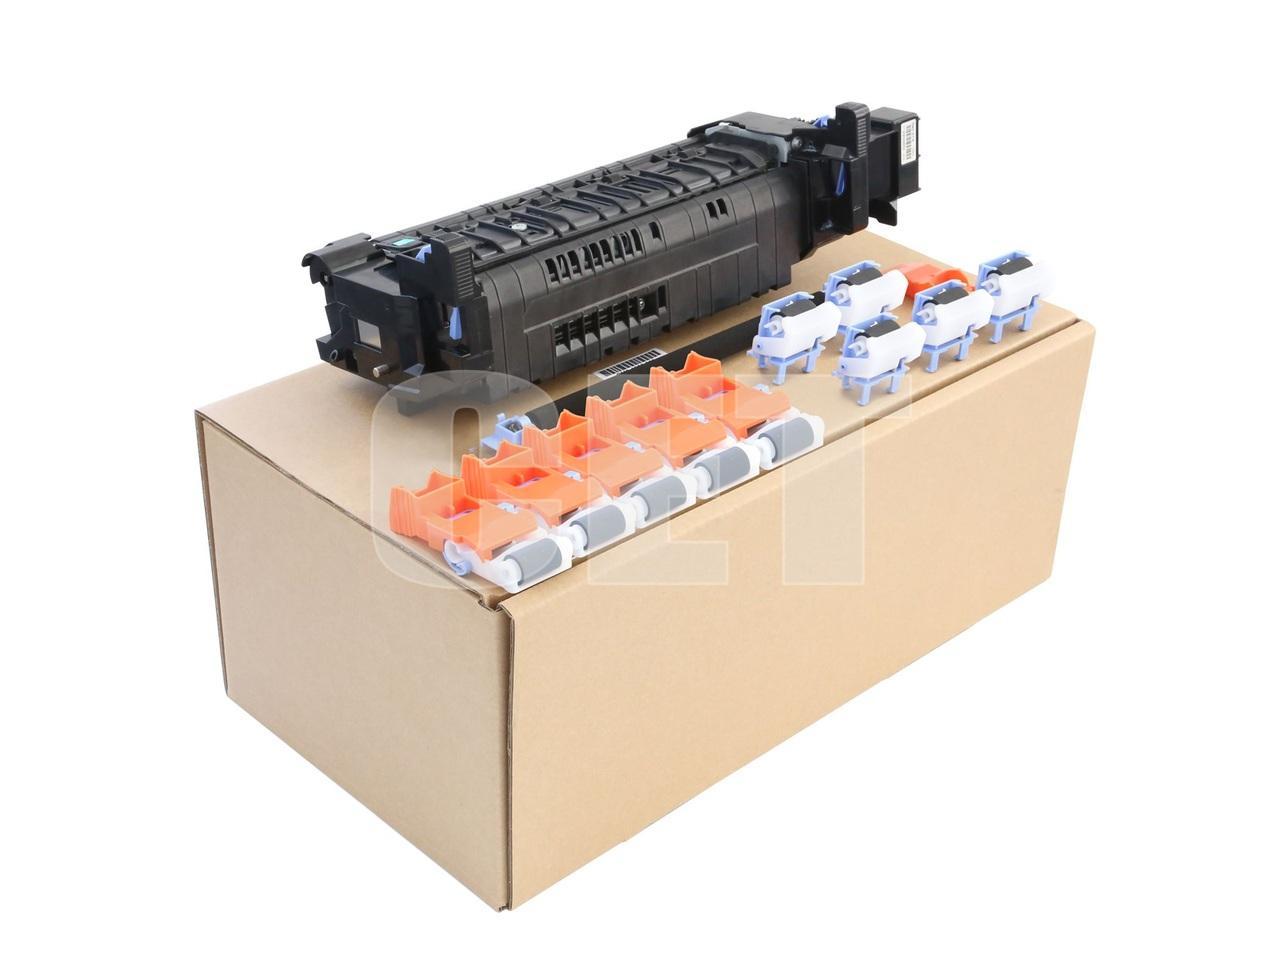 Ремонтный комплект L0H25-67901 для HP LaserJet EnterpriseM607dn/608dn/609dn (CET), 170000 стр., CET7864U